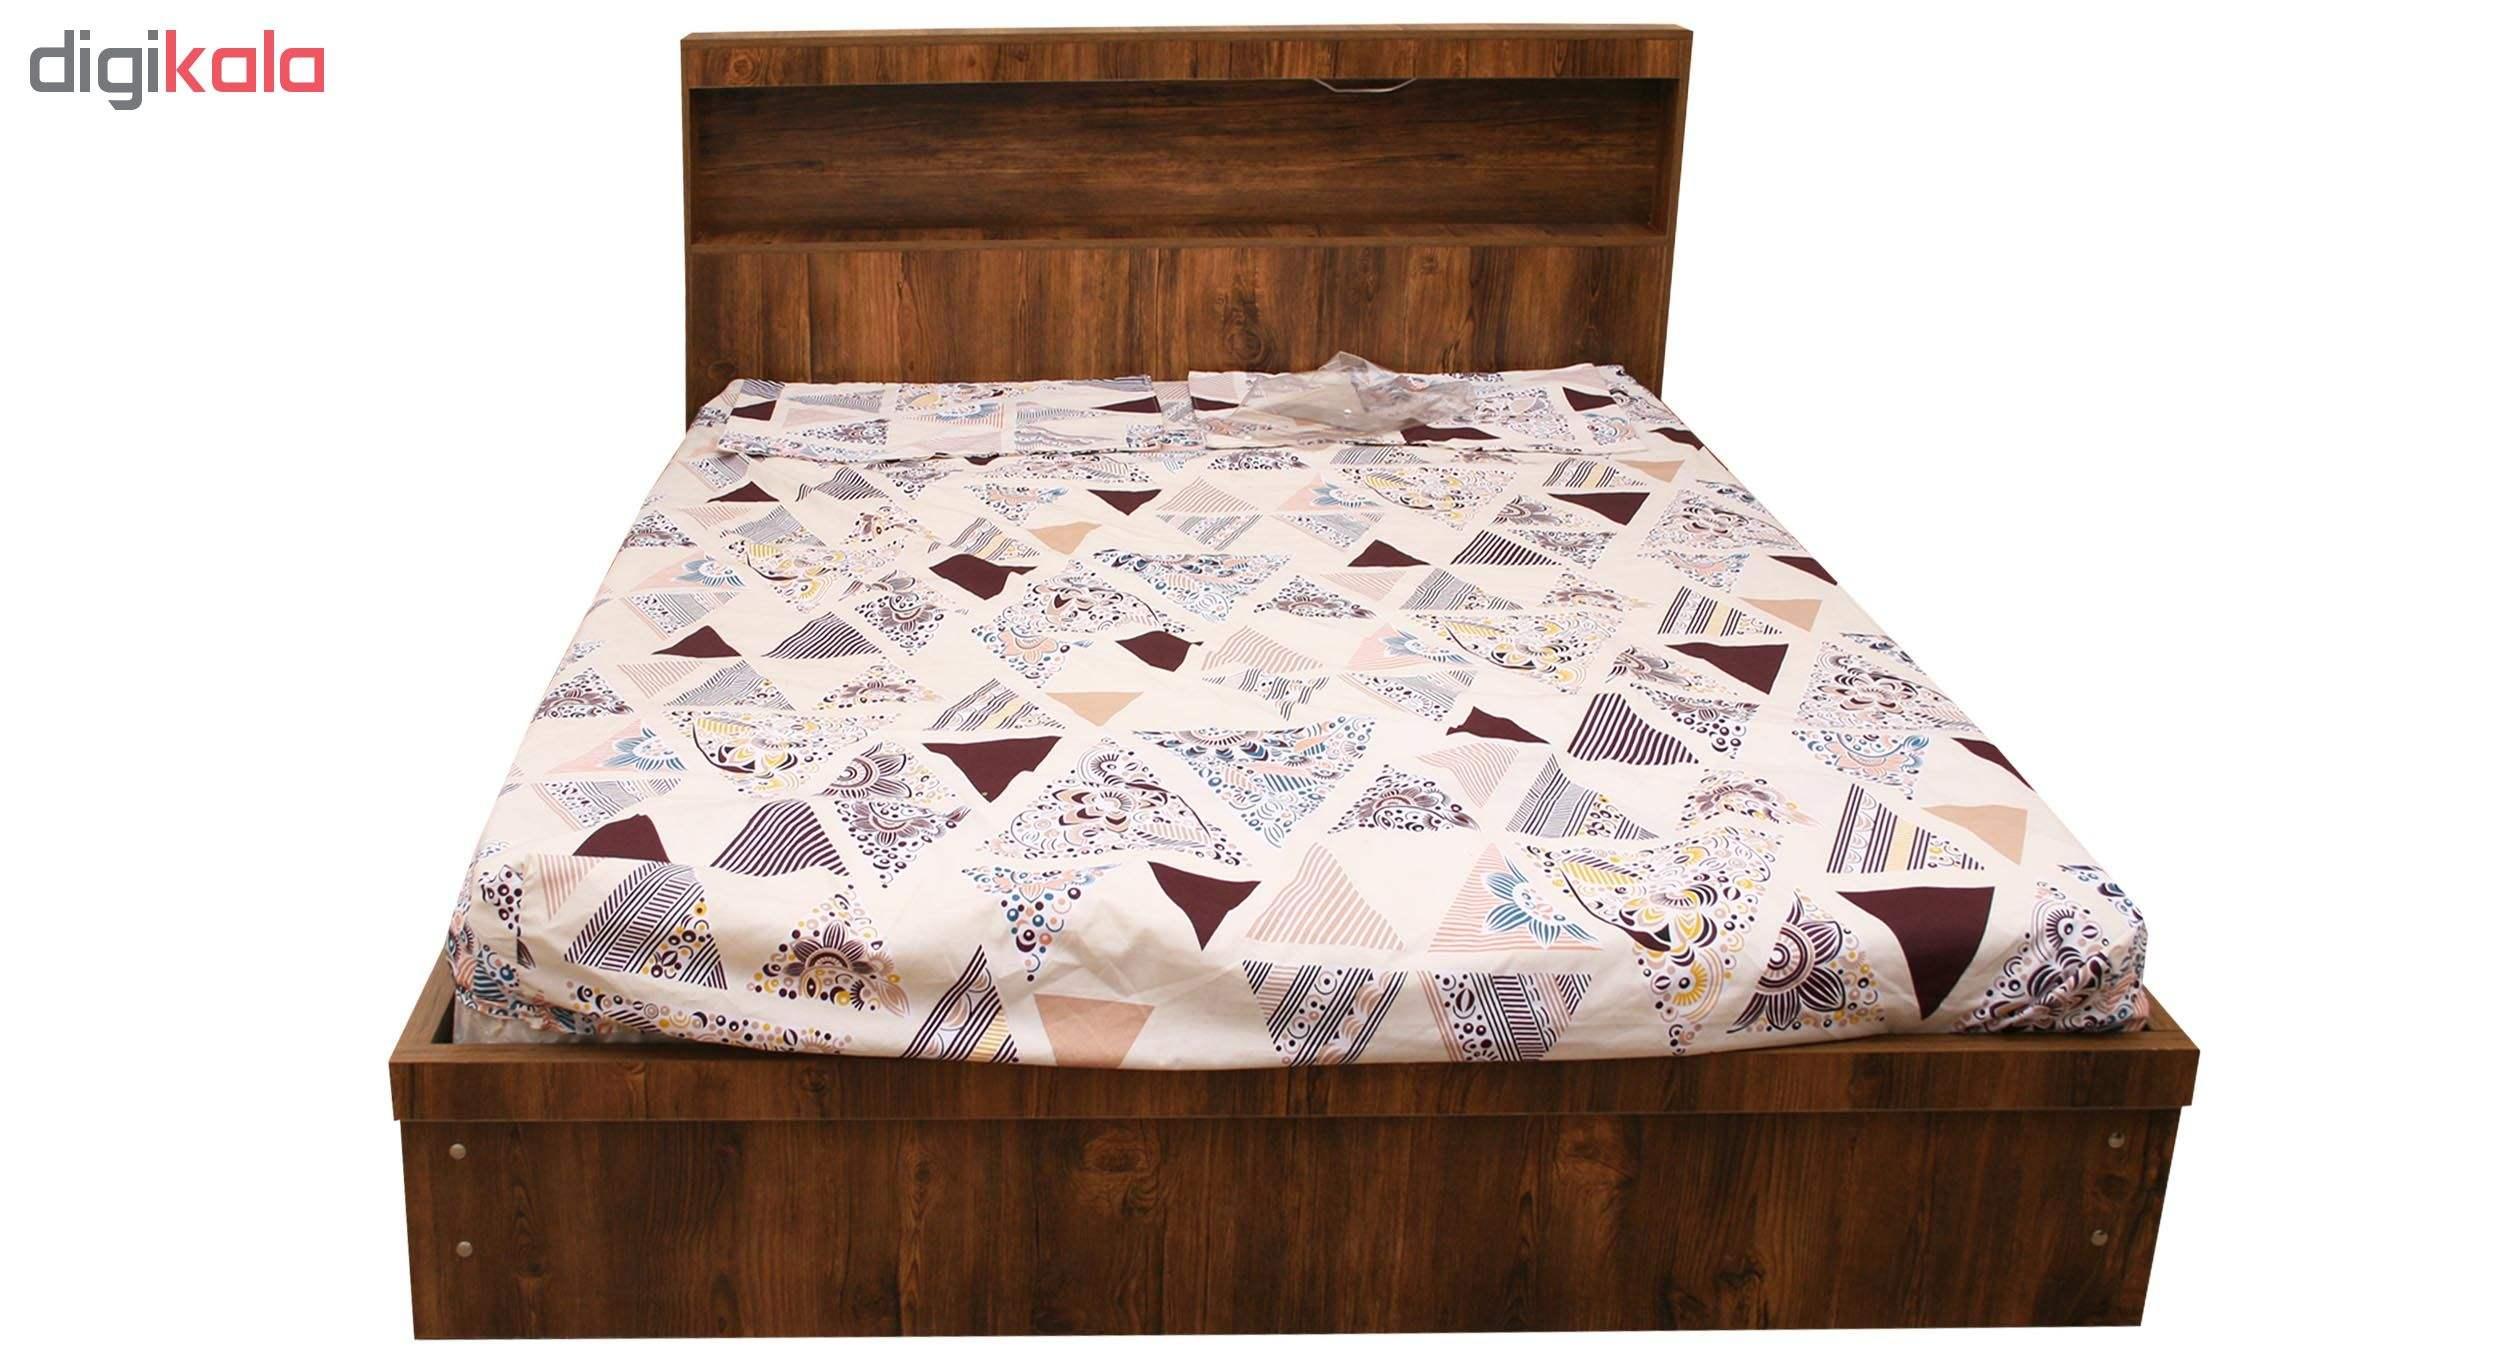 تخت خواب 2 نفره کد MD012 سایز 160×200 سانتی متر main 1 2